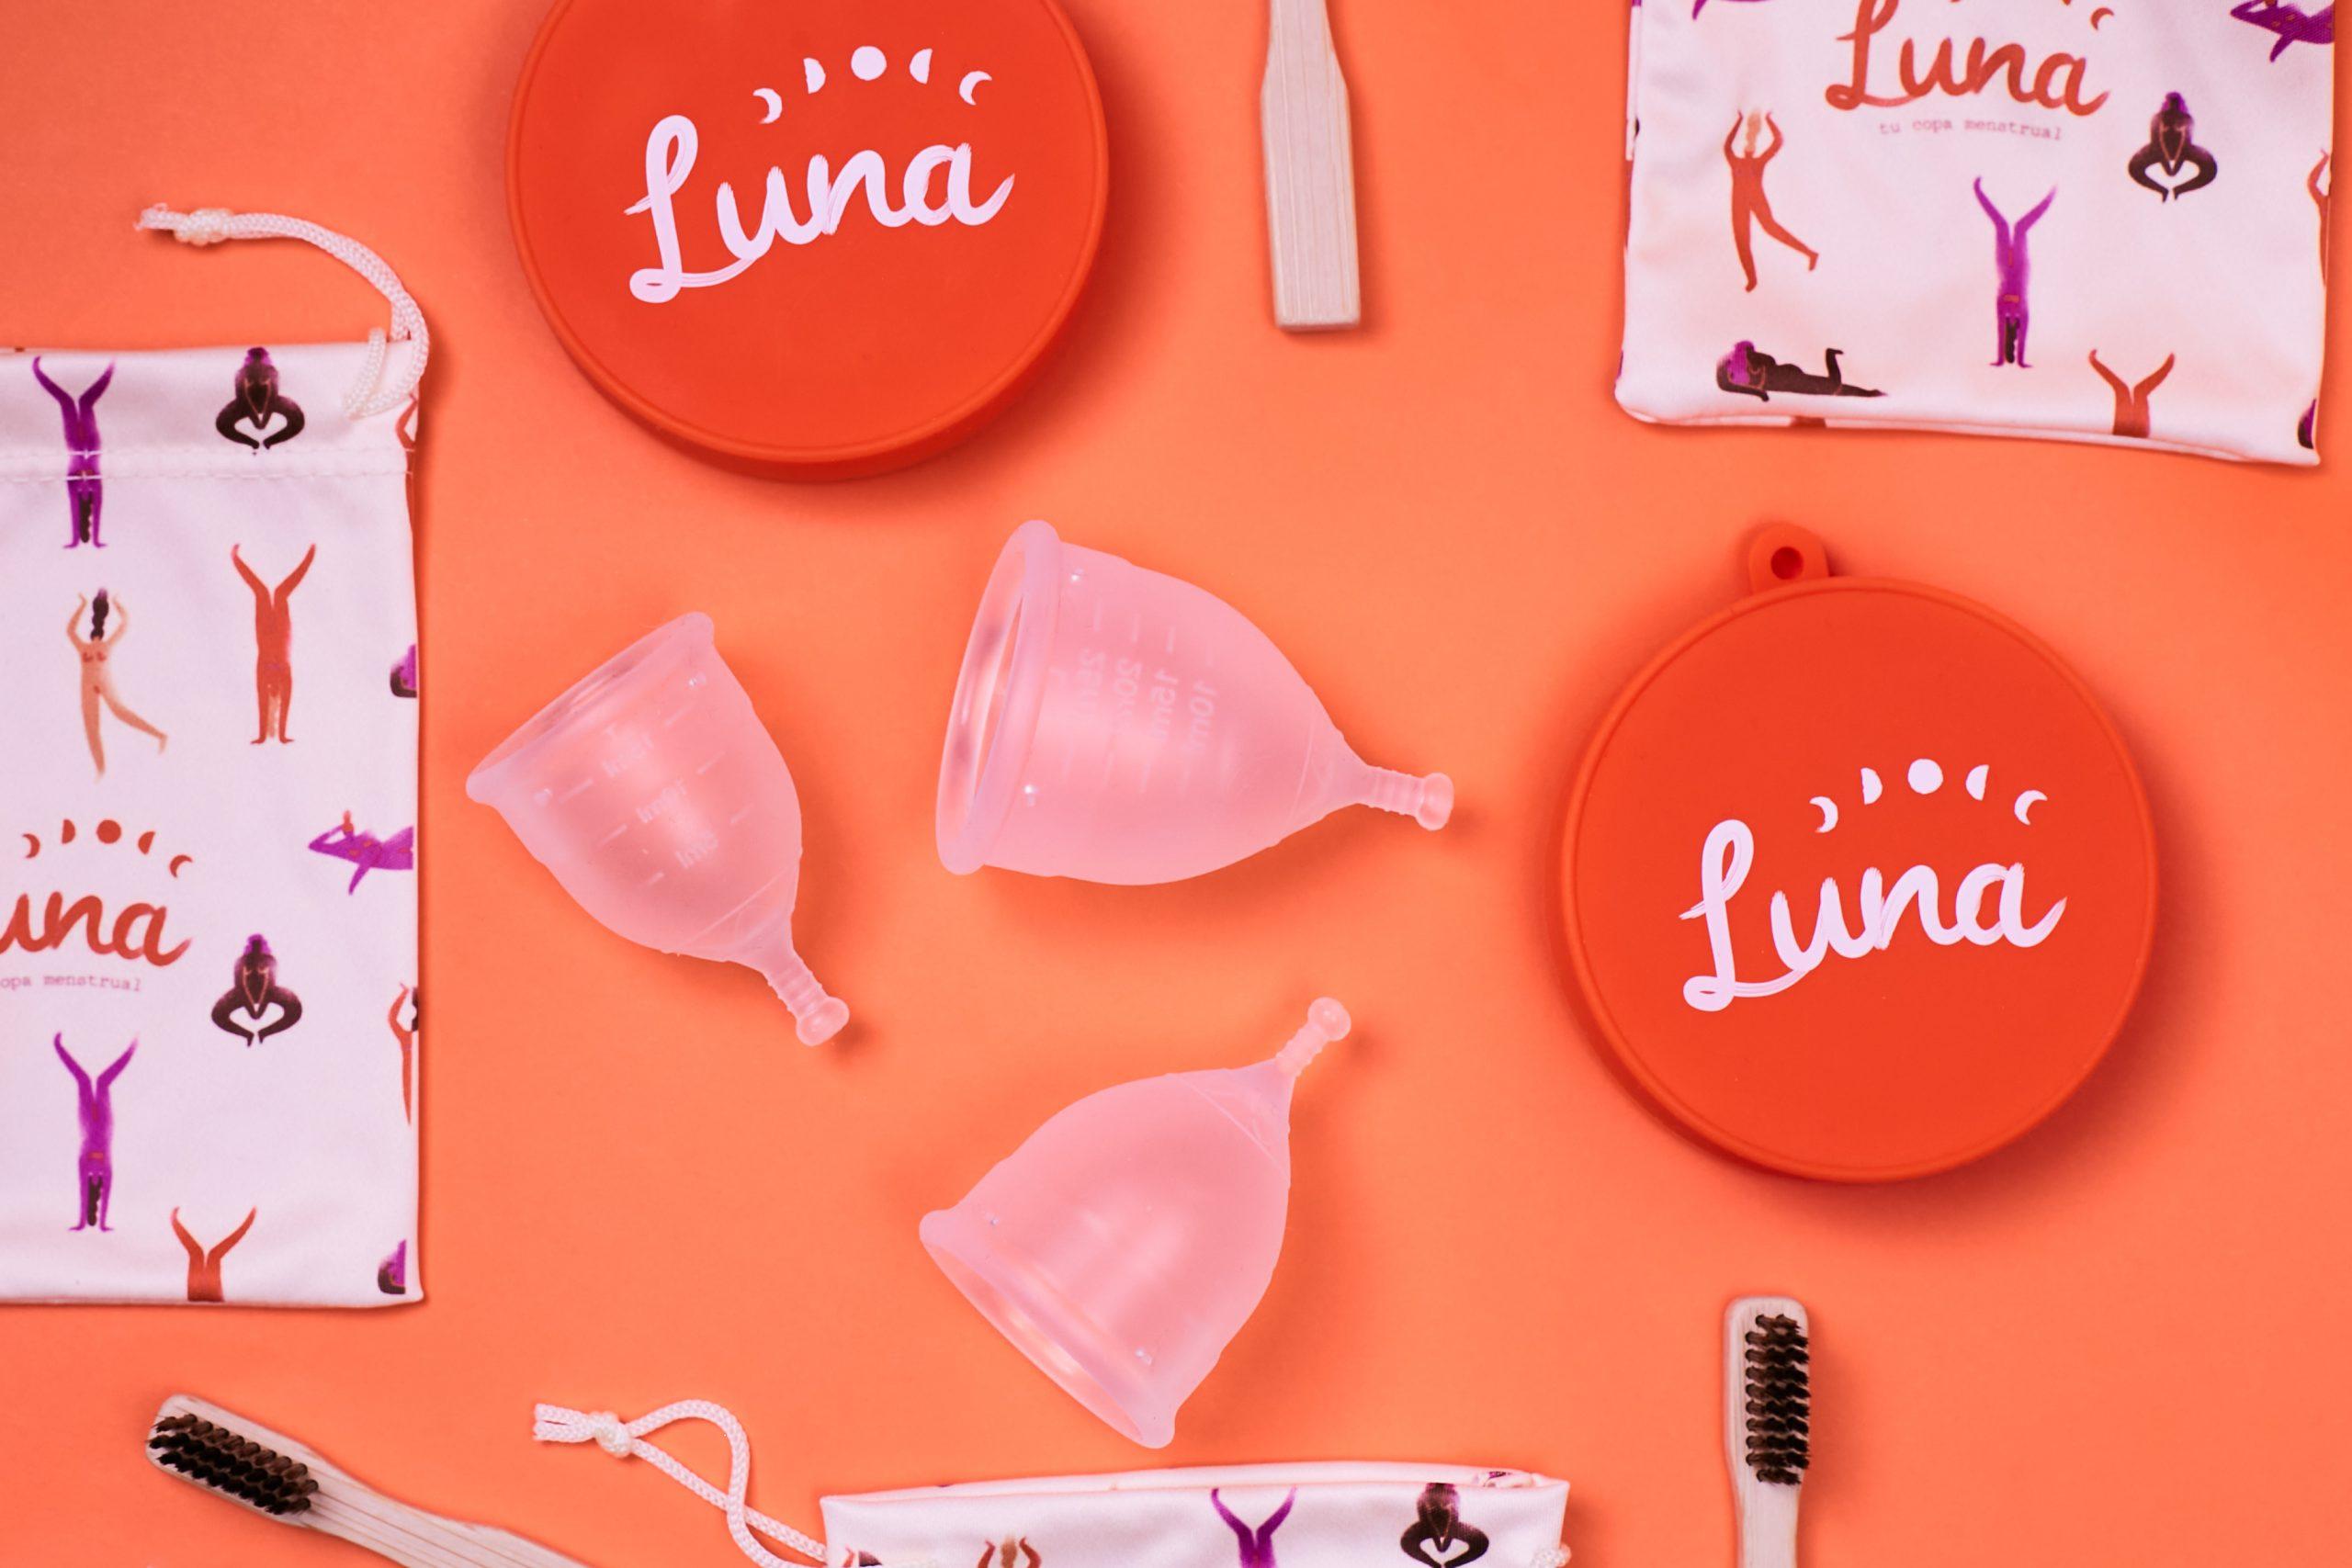 La copa menstrual es un método sostenible, seguro y eficaz